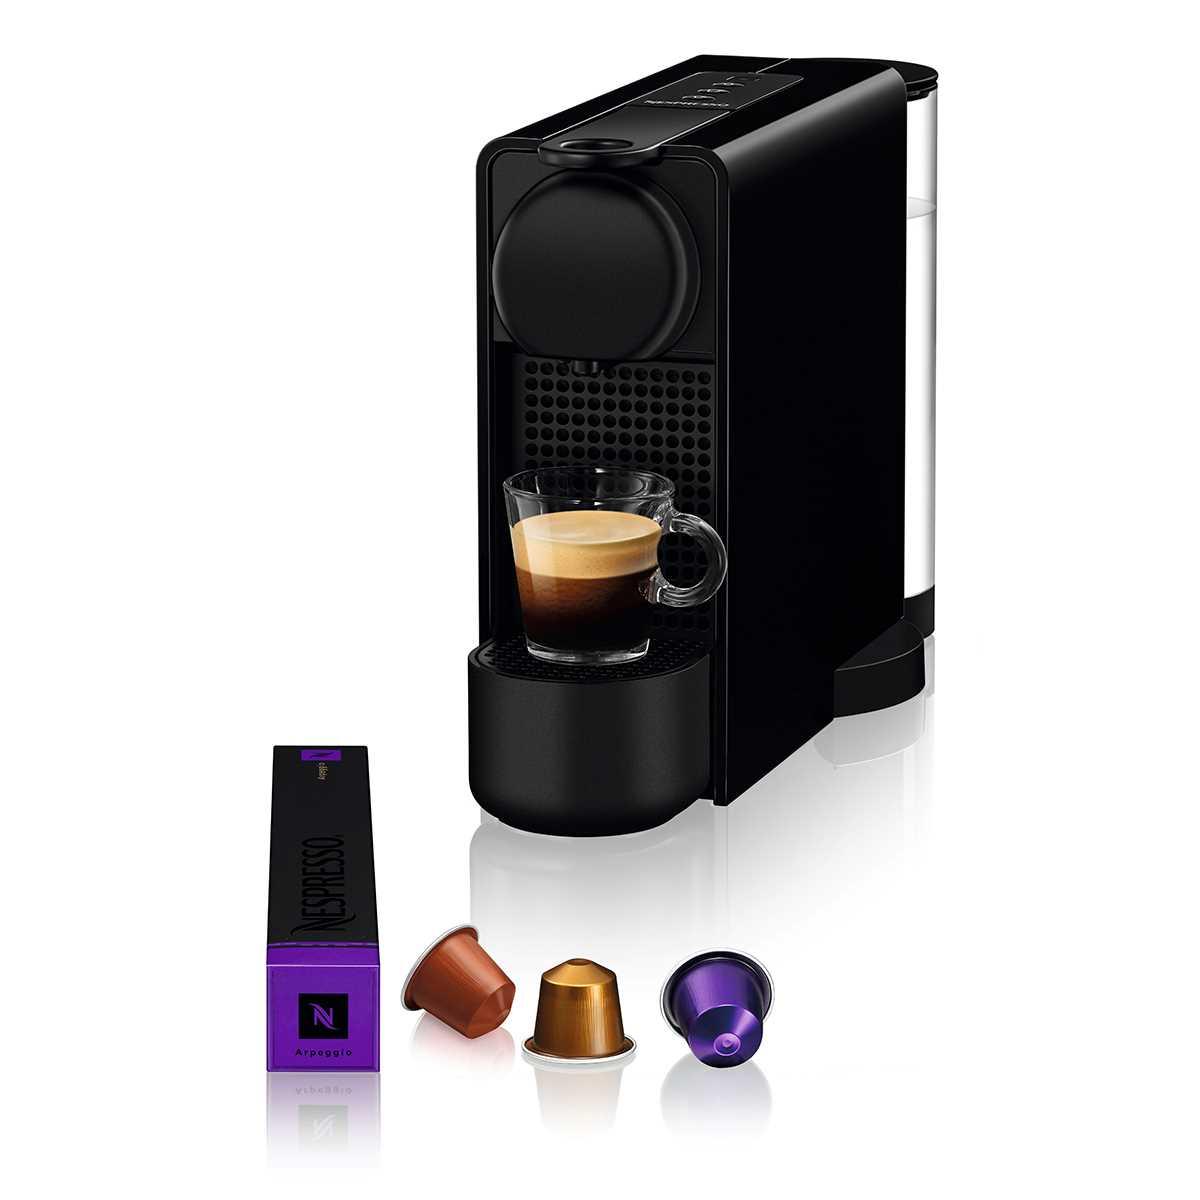 מכונת קפה NESPRESSO Essenza Plus C45 עם מקציף חלב - צבע שחור - תמונה 2